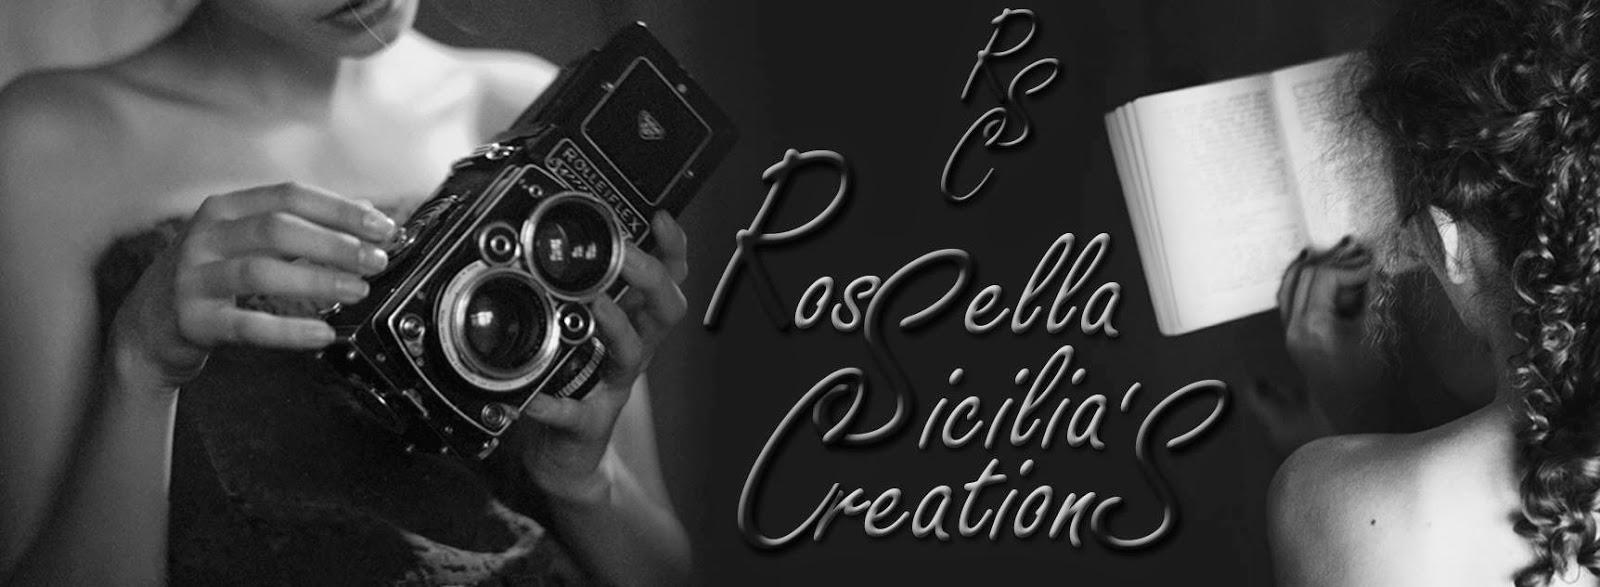 https://www.facebook.com/rossella.sicilia.75